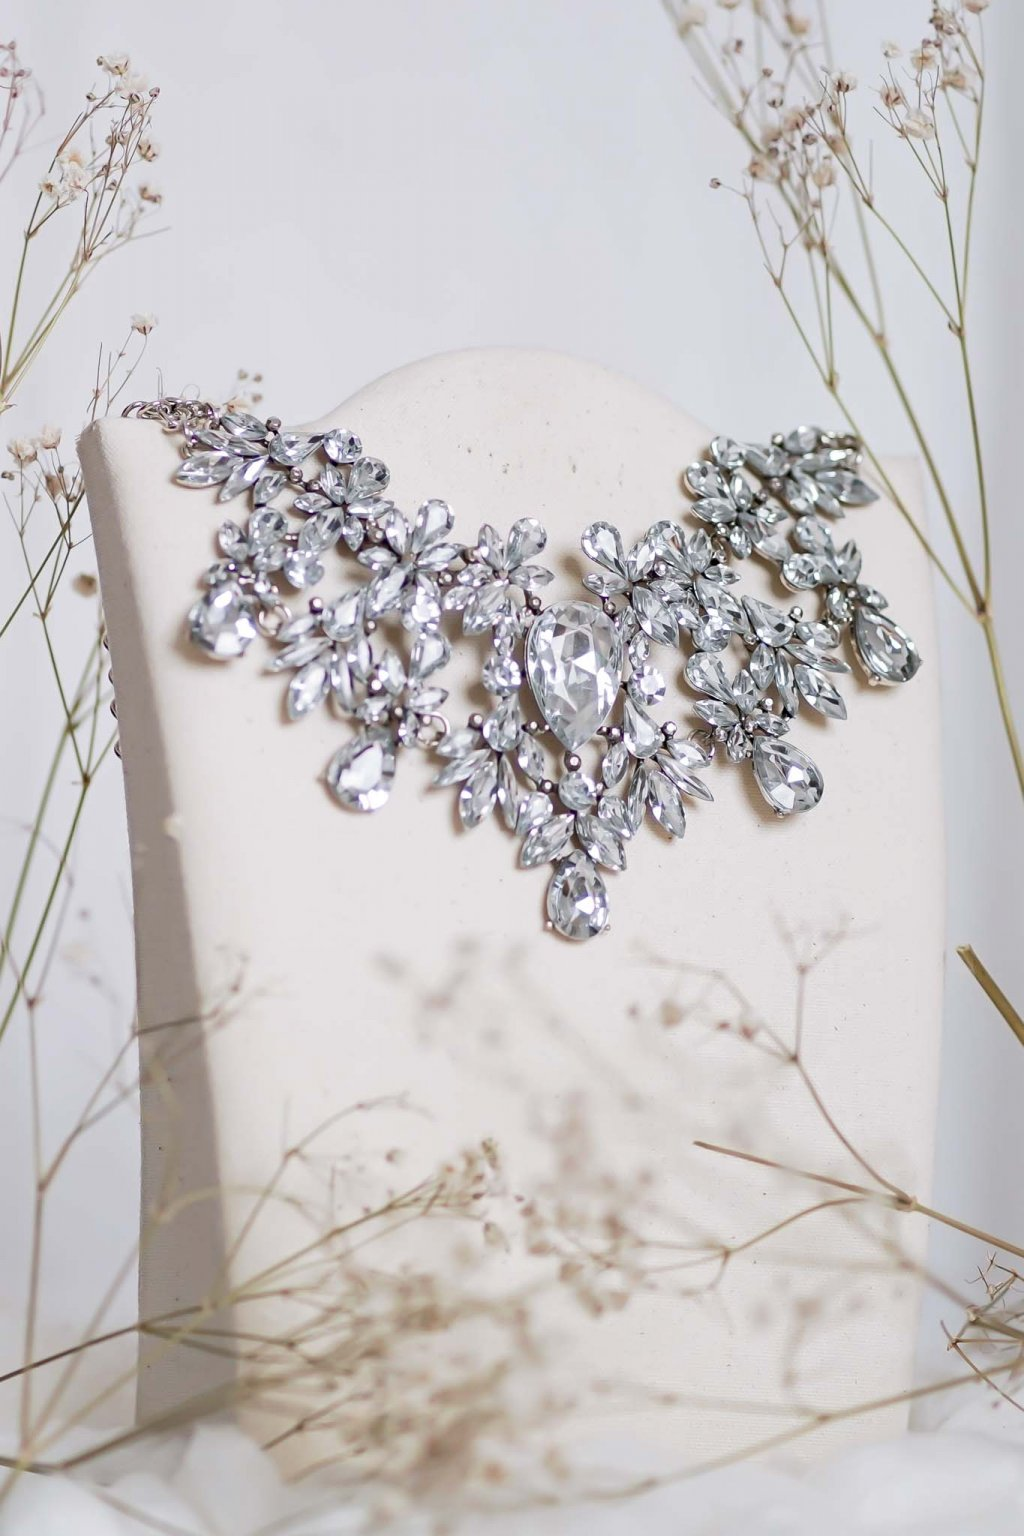 náhrdelník, spoločenský, bežný deň, kamienkový, farebný, čierny, strieborný, zelený, cyklamenévy, náhrdelník, bižuteria, šperk, šperky, ples, stužková, svadba, 113